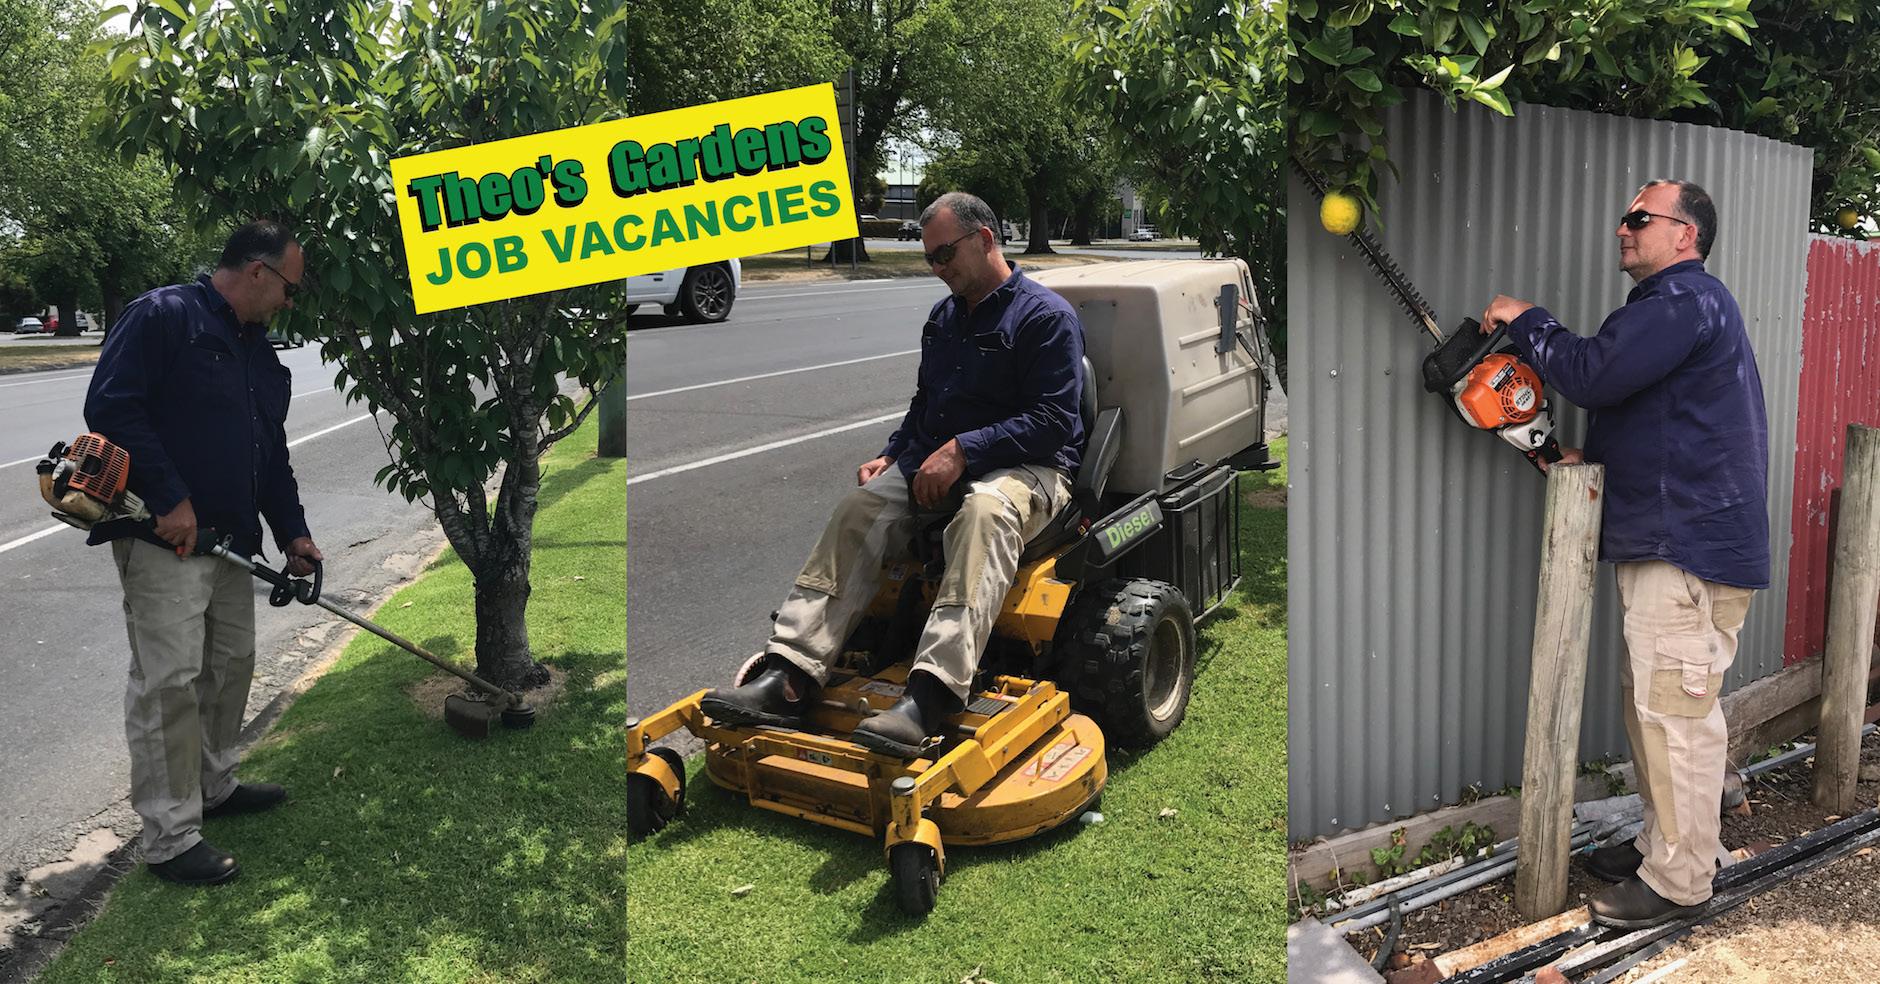 Element Bazaar Theo's Gardens Job Vacancies